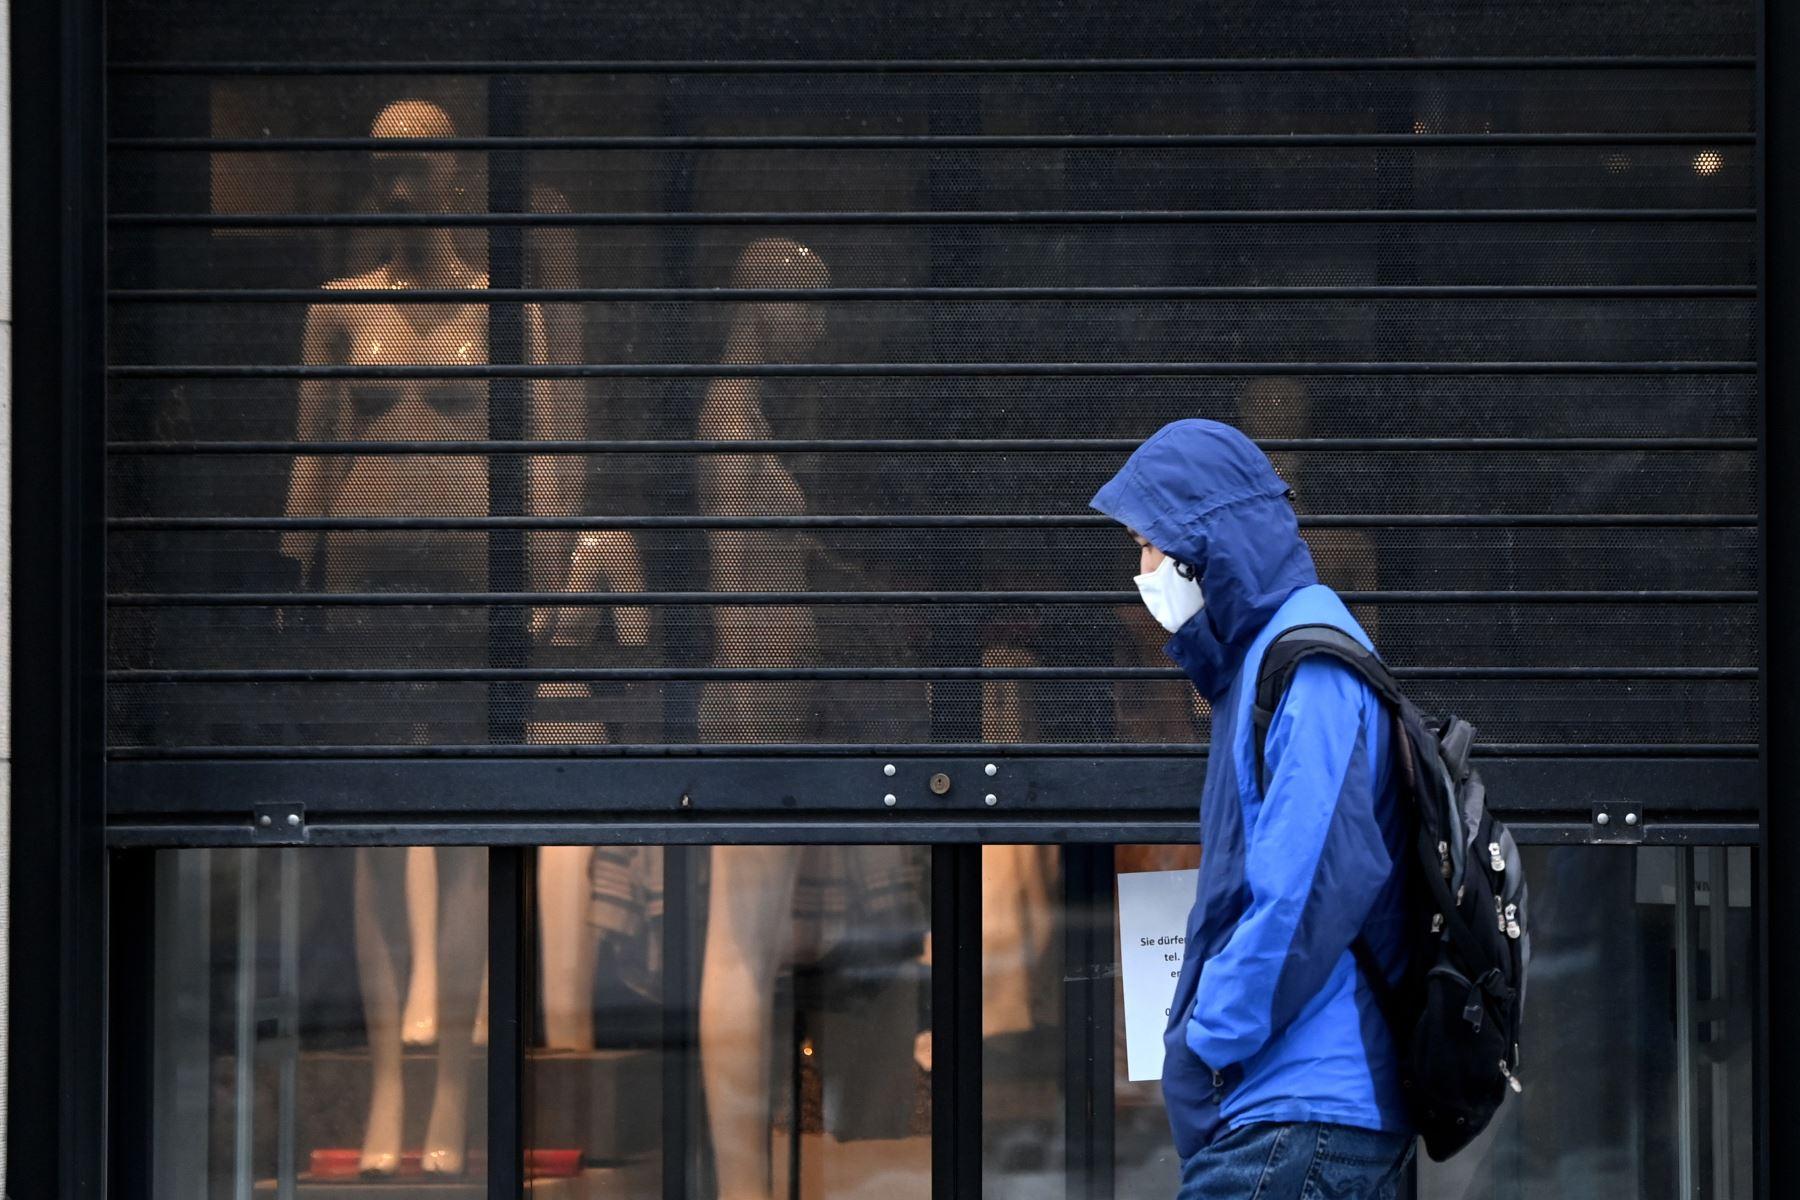 Un peatón con una máscara facial camina frente a una tienda de moda cerrada en la ciudad de Múnich, en el sur de Alemania, en medio de la pandemia del nuevo coronavirus Covid-19 en curso. Foto: AFP